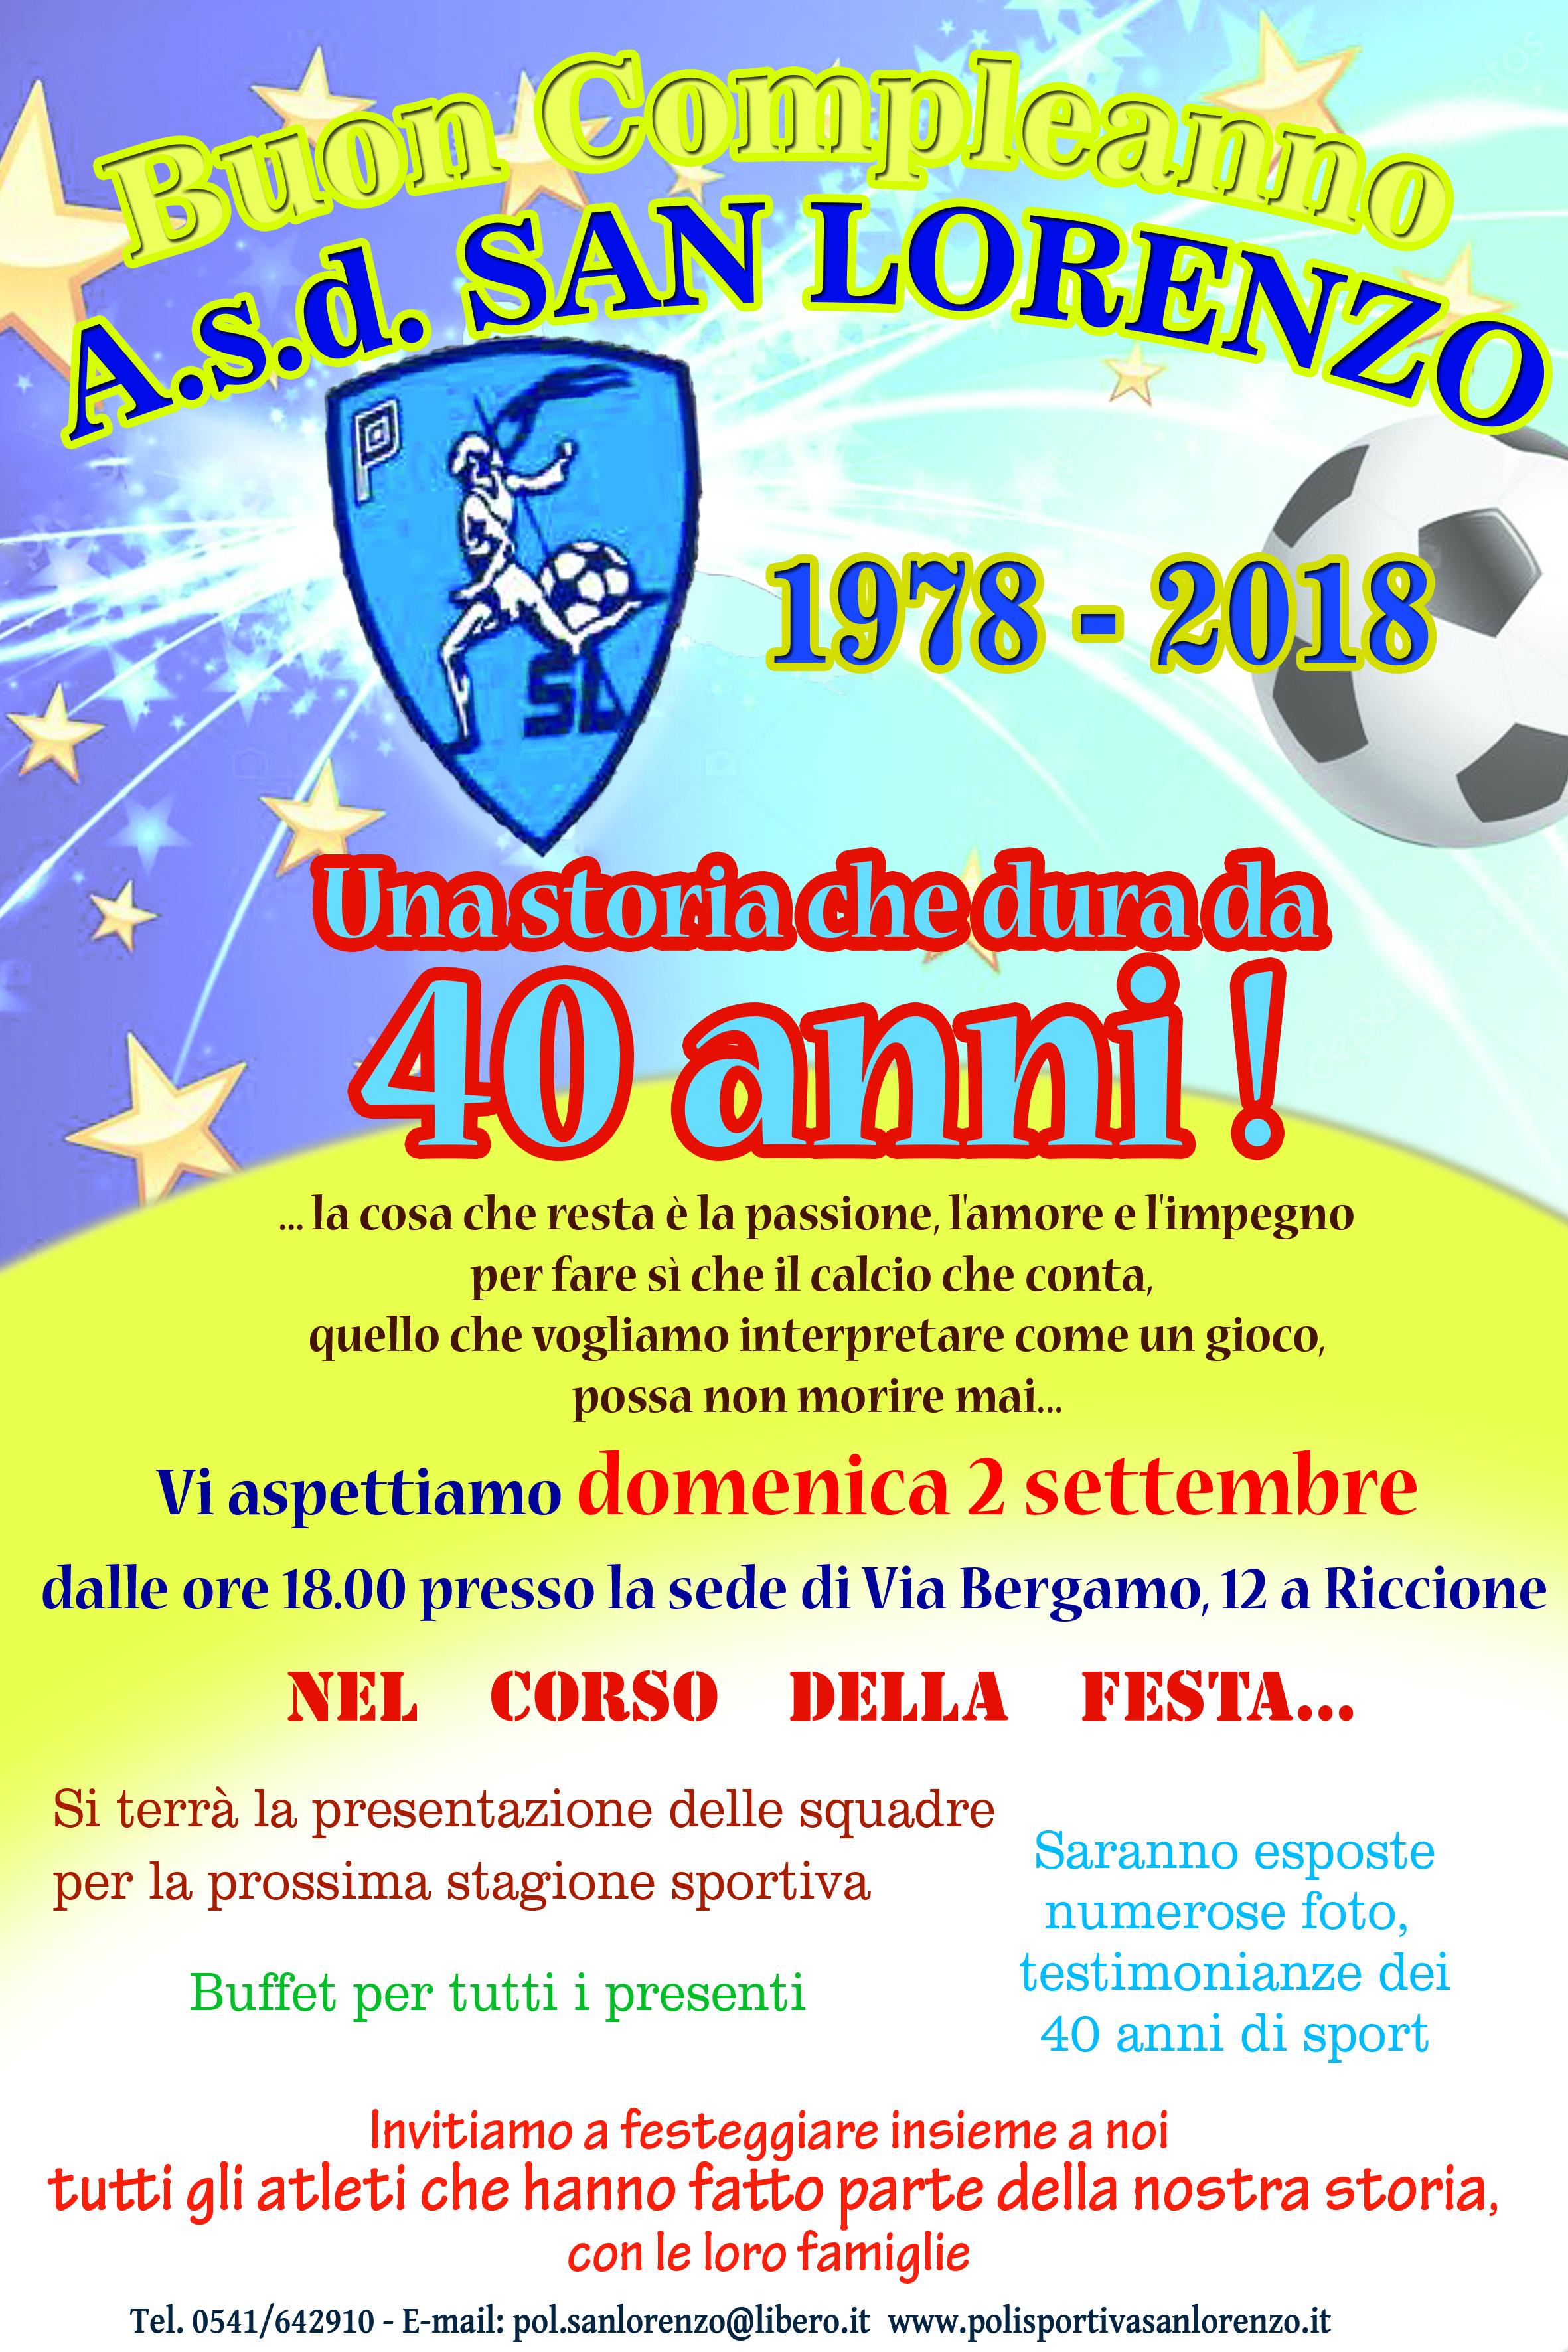 2 Settembre 2018 Festa Del Nostro 40 Compleanno Polisportiva San